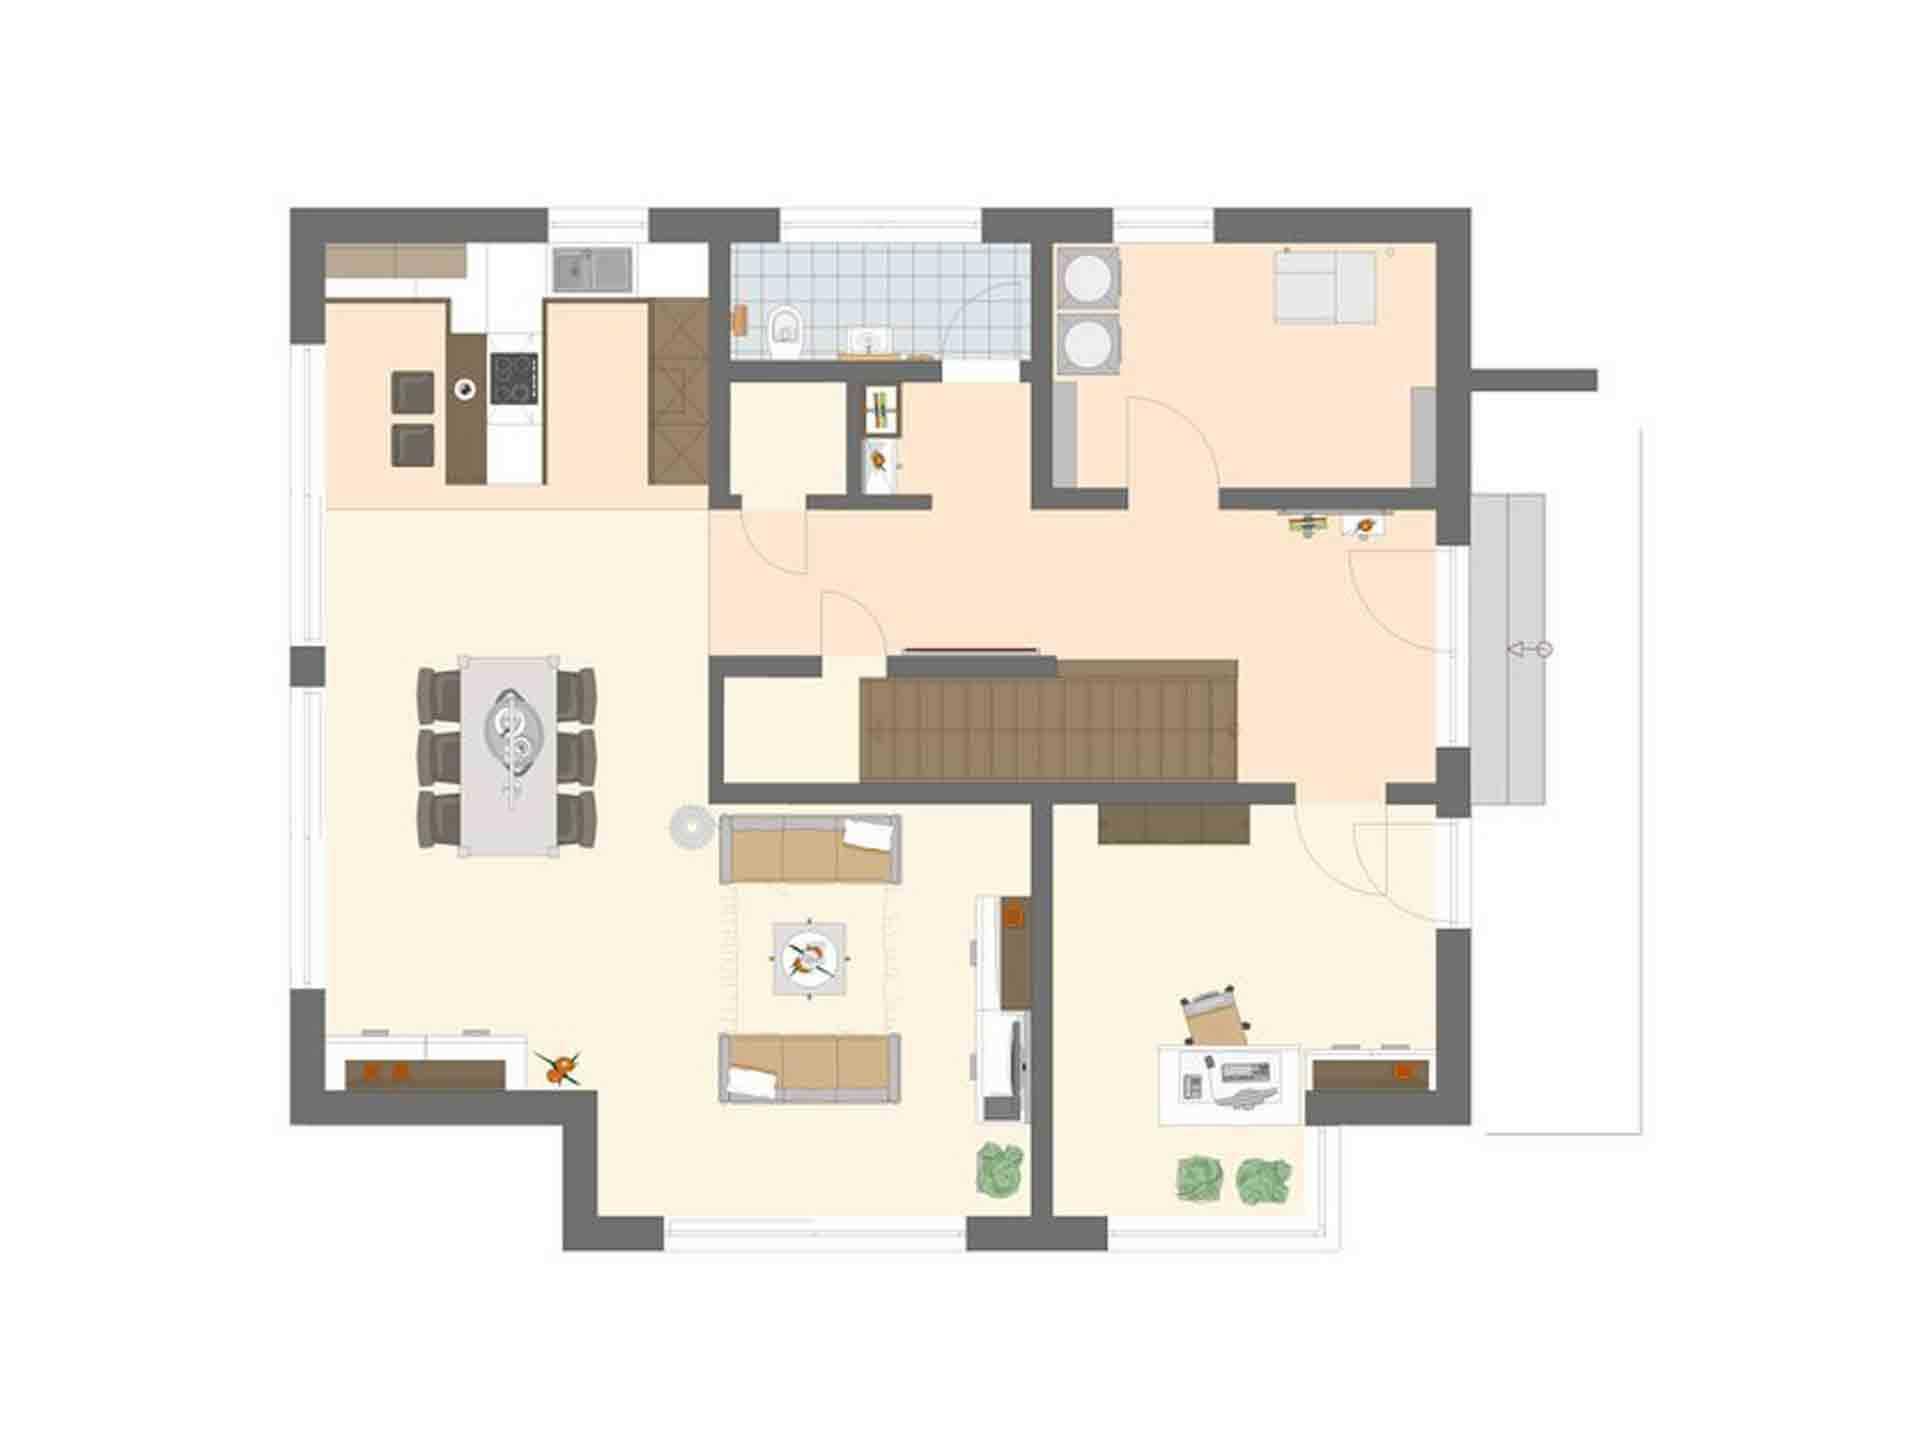 Neo Musterhaus Günzburg - Eine Nahaufnahme von einem Spielzeug - Gebäudeplan